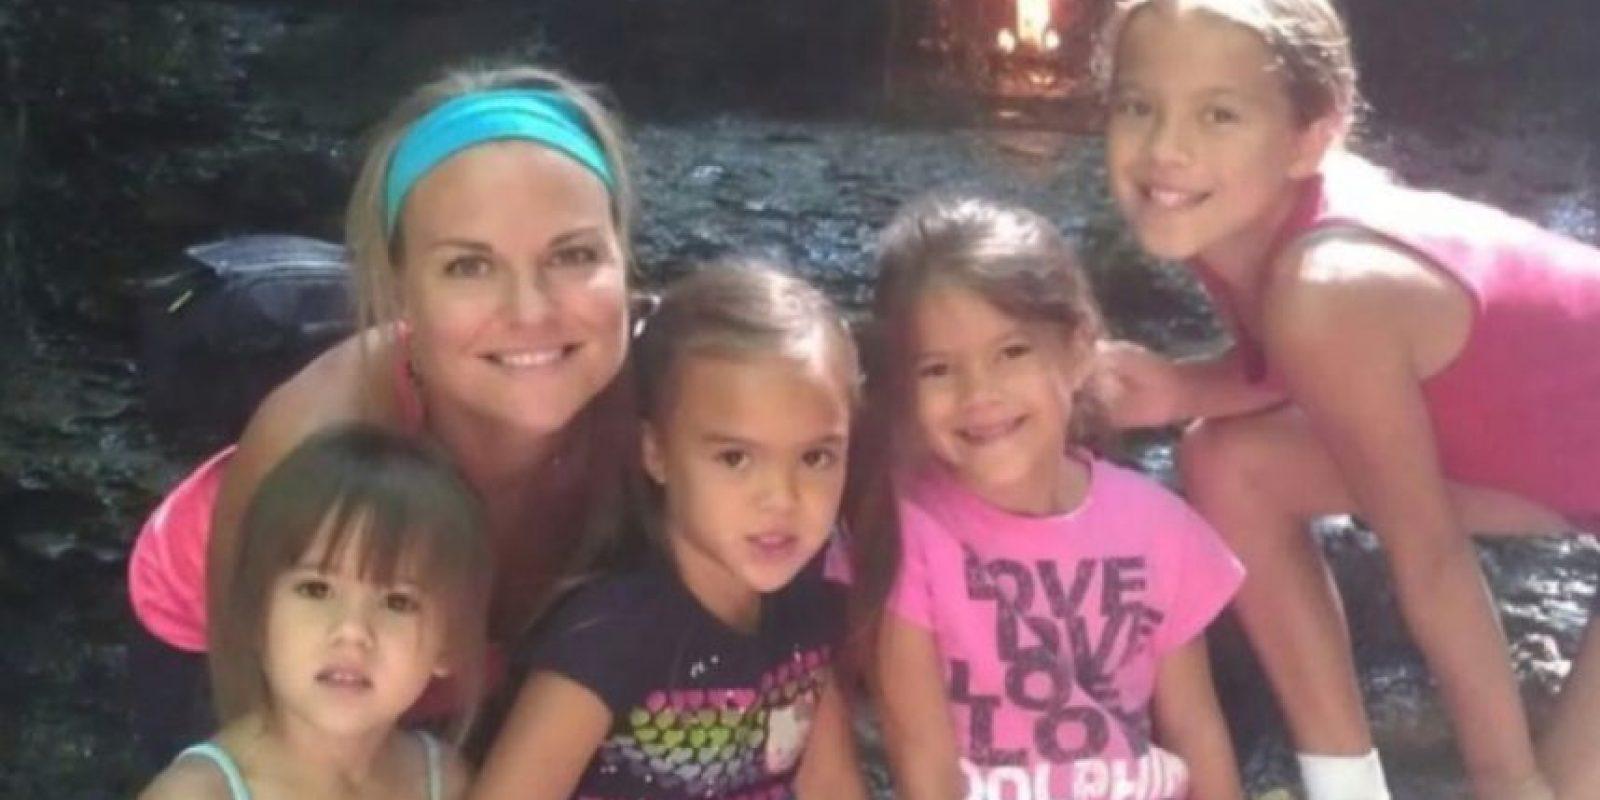 Mujer muere de cáncer y su mejor amiga adopta a sus 4 hijas Foto: youcaring.com